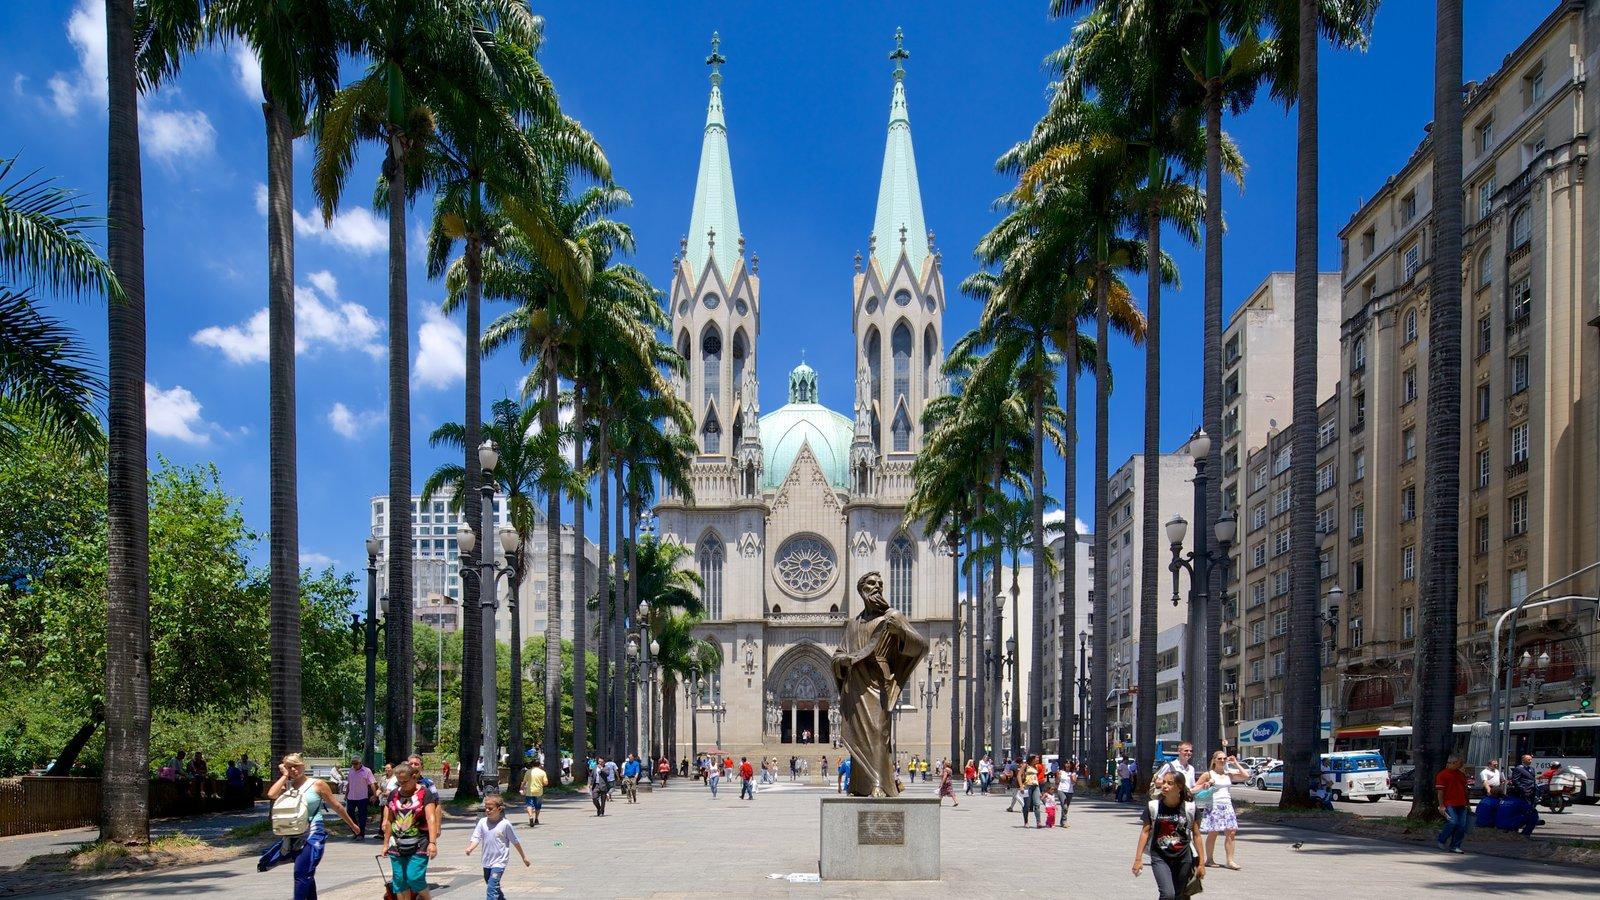 Catedral Metropolitana de São Paulo caracterizando aspectos religiosos, cenas de rua e arquitetura de patrimônio